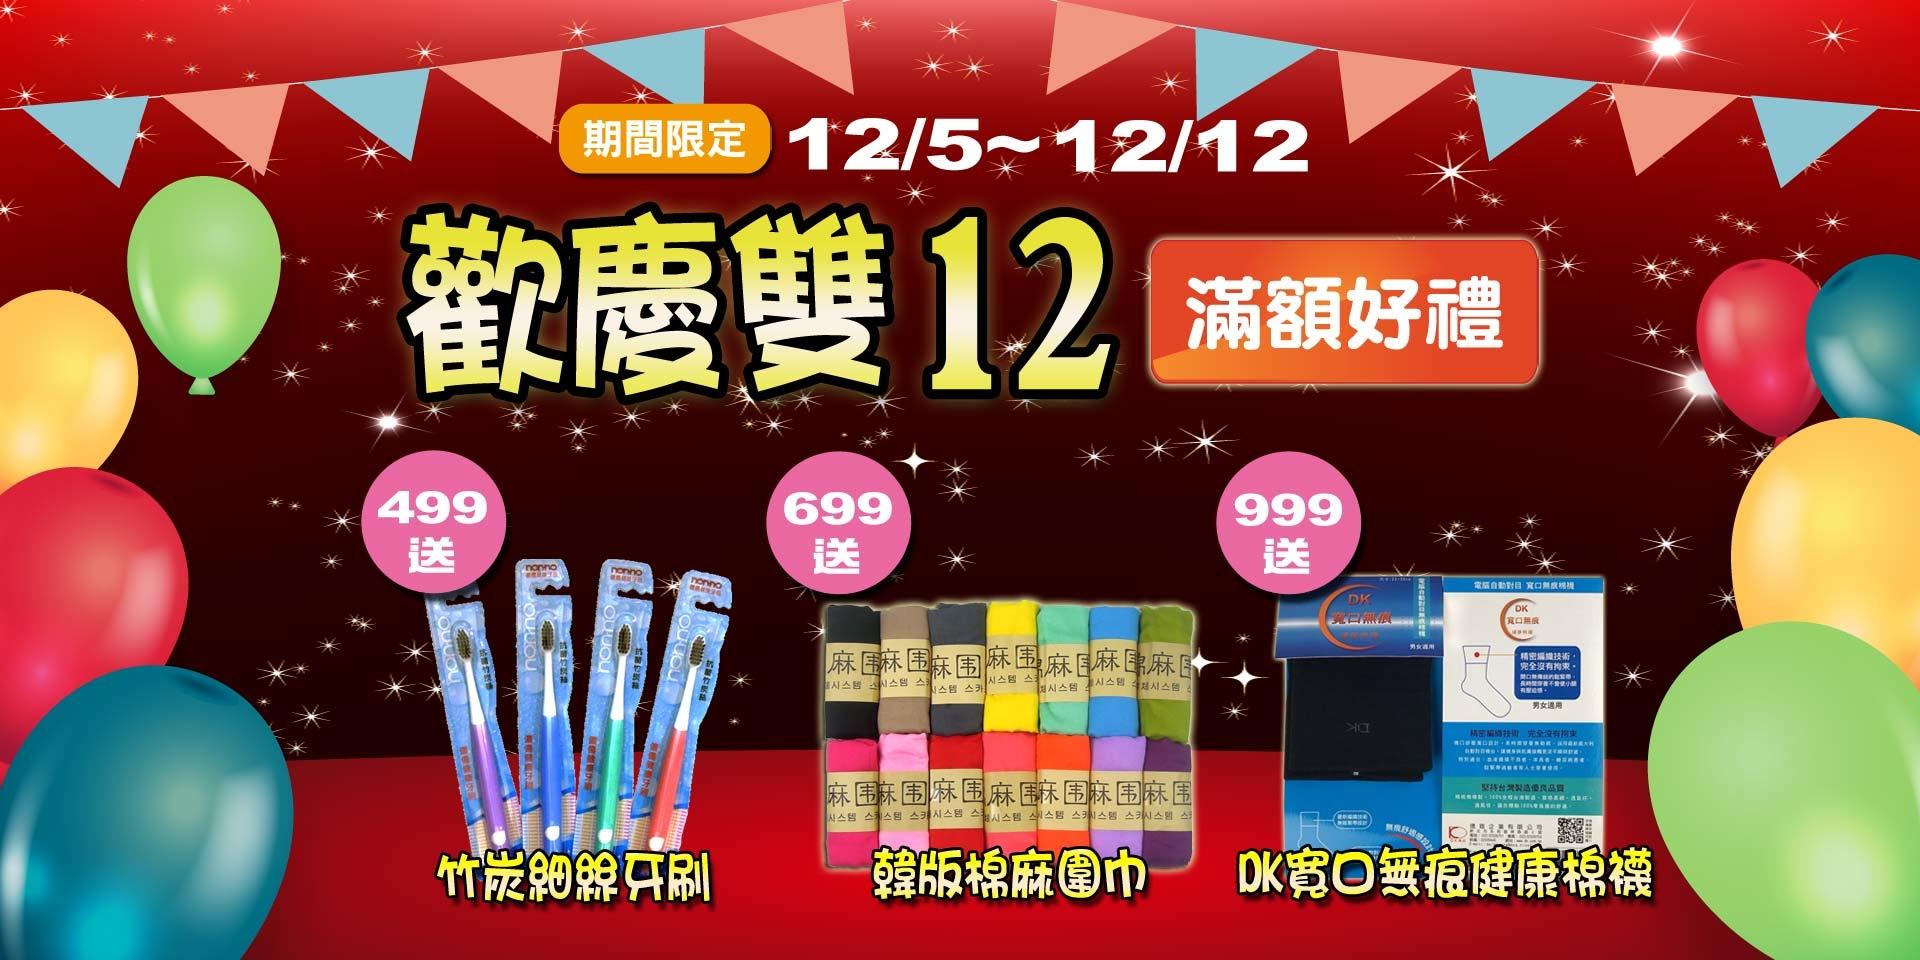 雙12購物節~滿499元送竹炭牙刷、滿699送棉麻圍巾、滿999送DK寬口無痕健康棉襪!